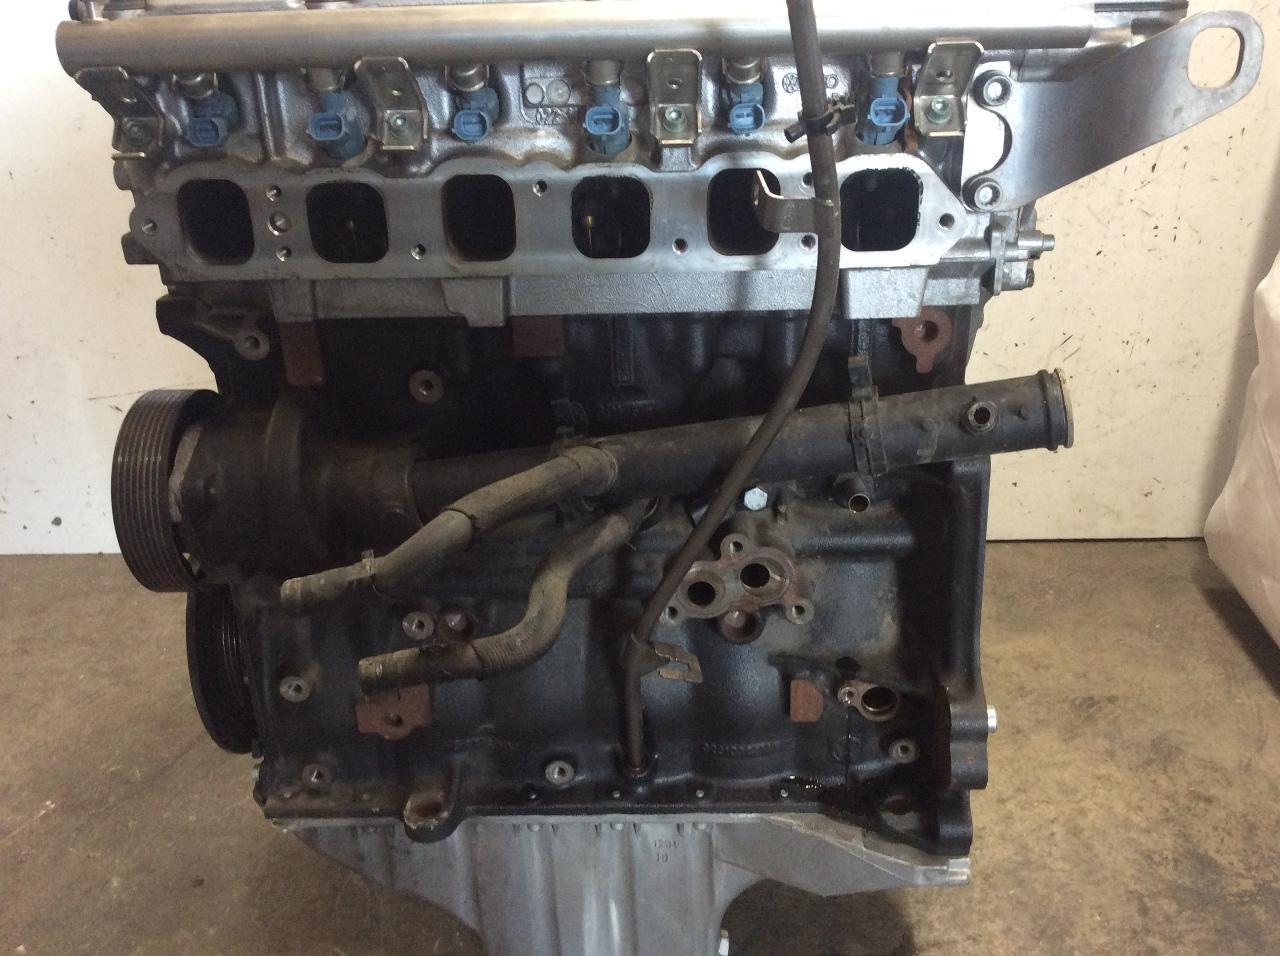 2006 porsche cayenne engine 3 2 motor tested good ebay. Black Bedroom Furniture Sets. Home Design Ideas